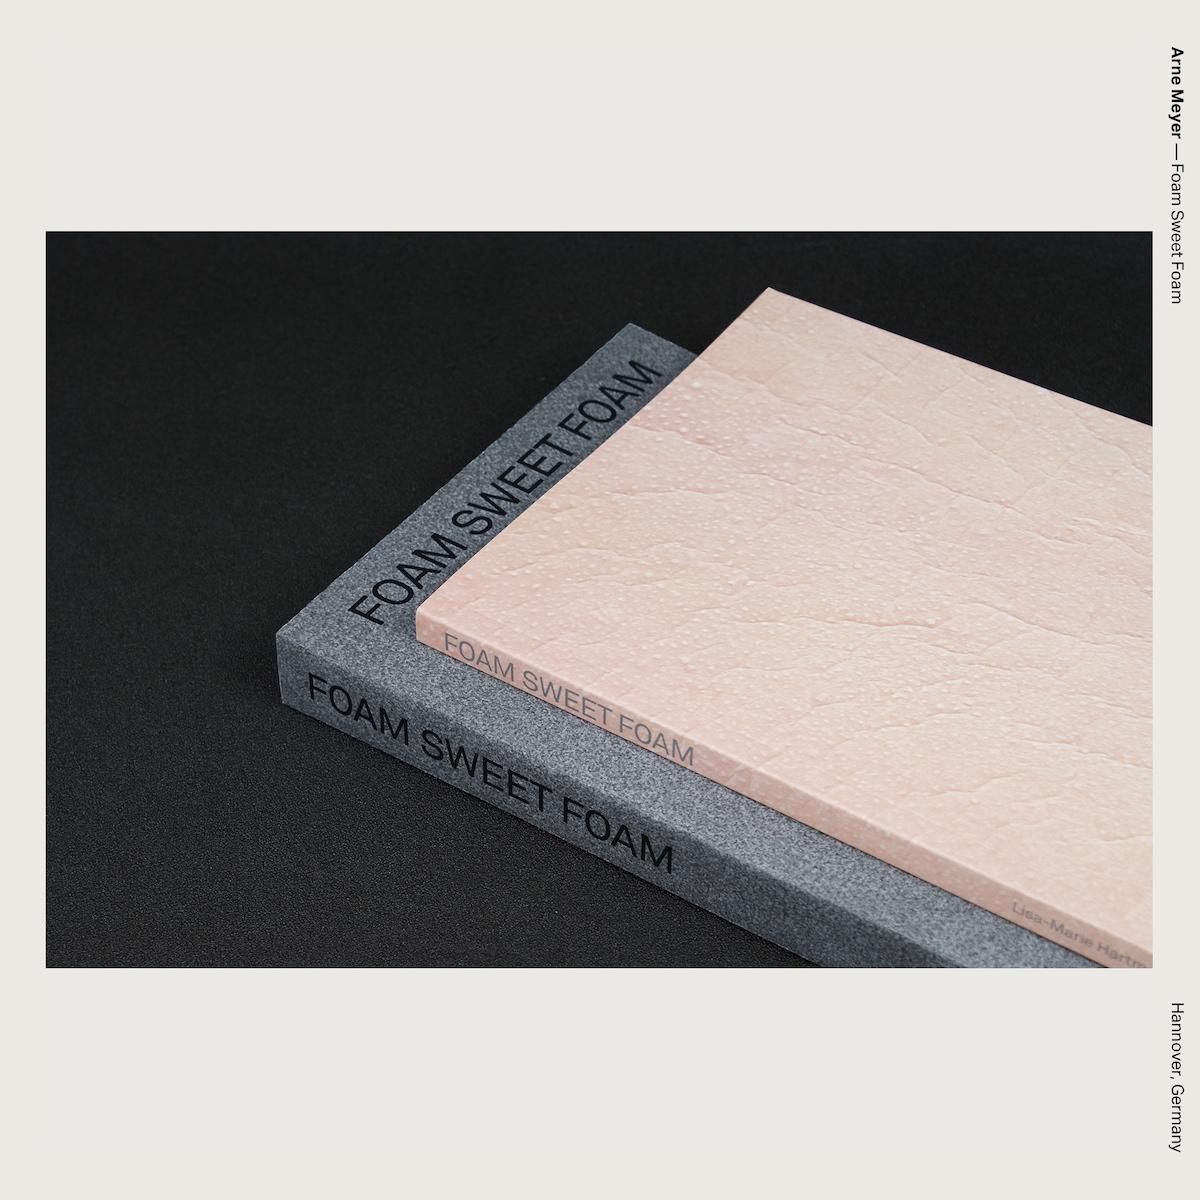 Arne Meyer — Foam Sweet Foam